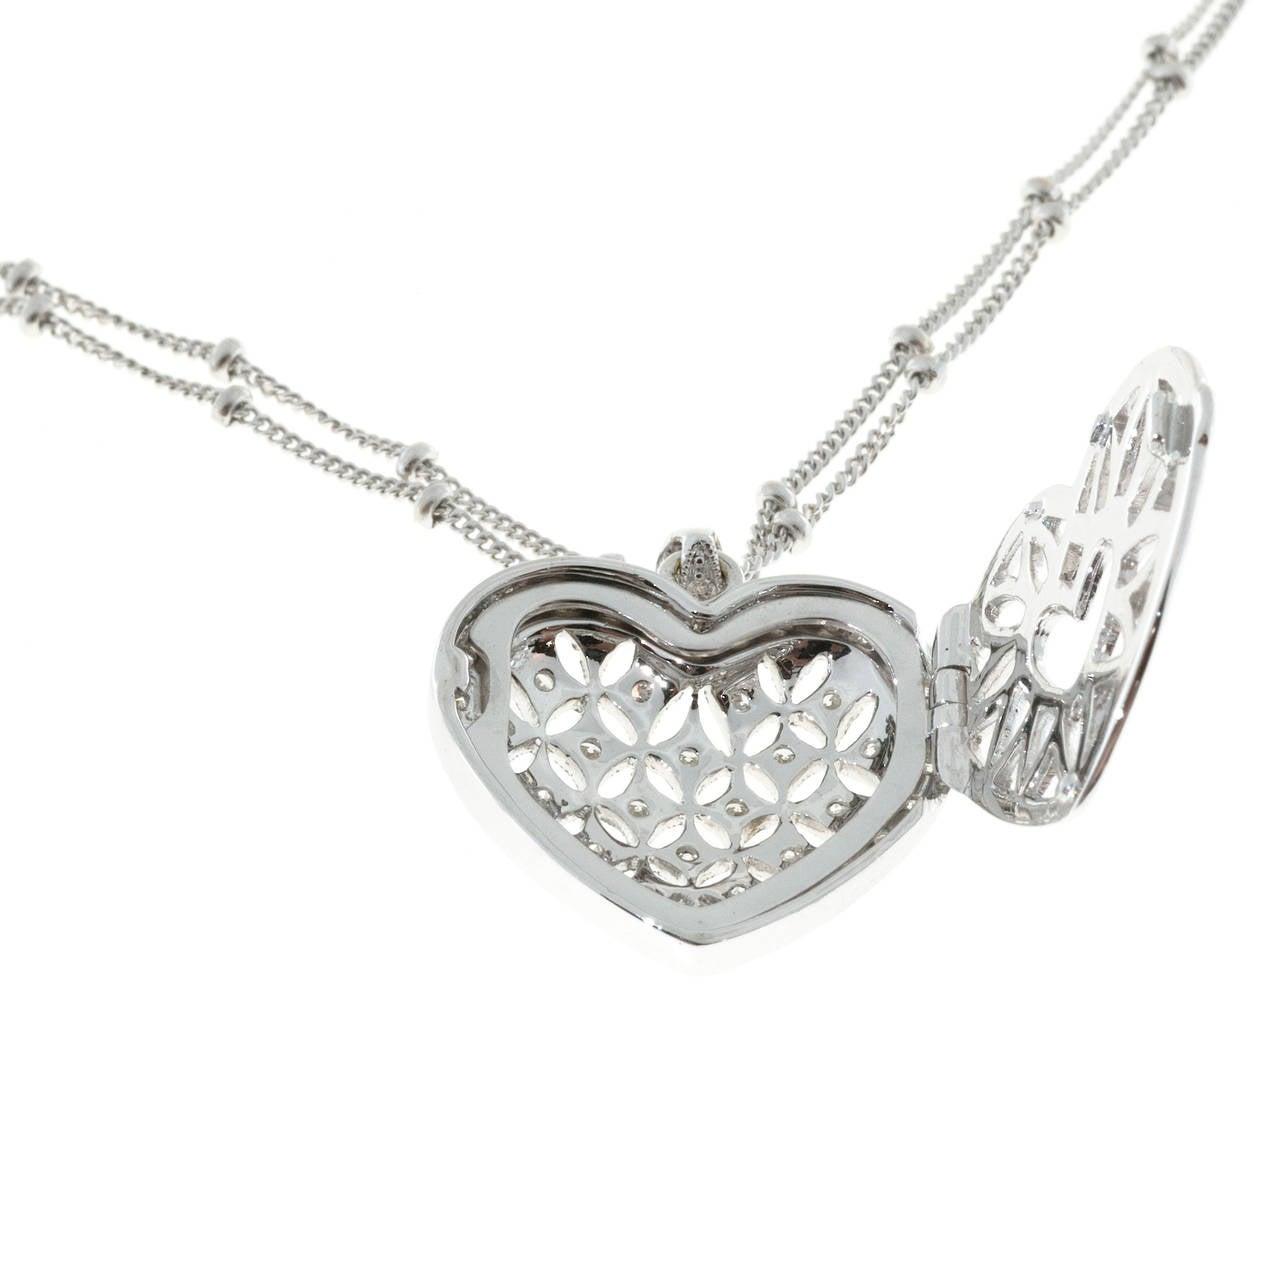 Diamond Gold Open Work Heart Locket Pendant Chain 5